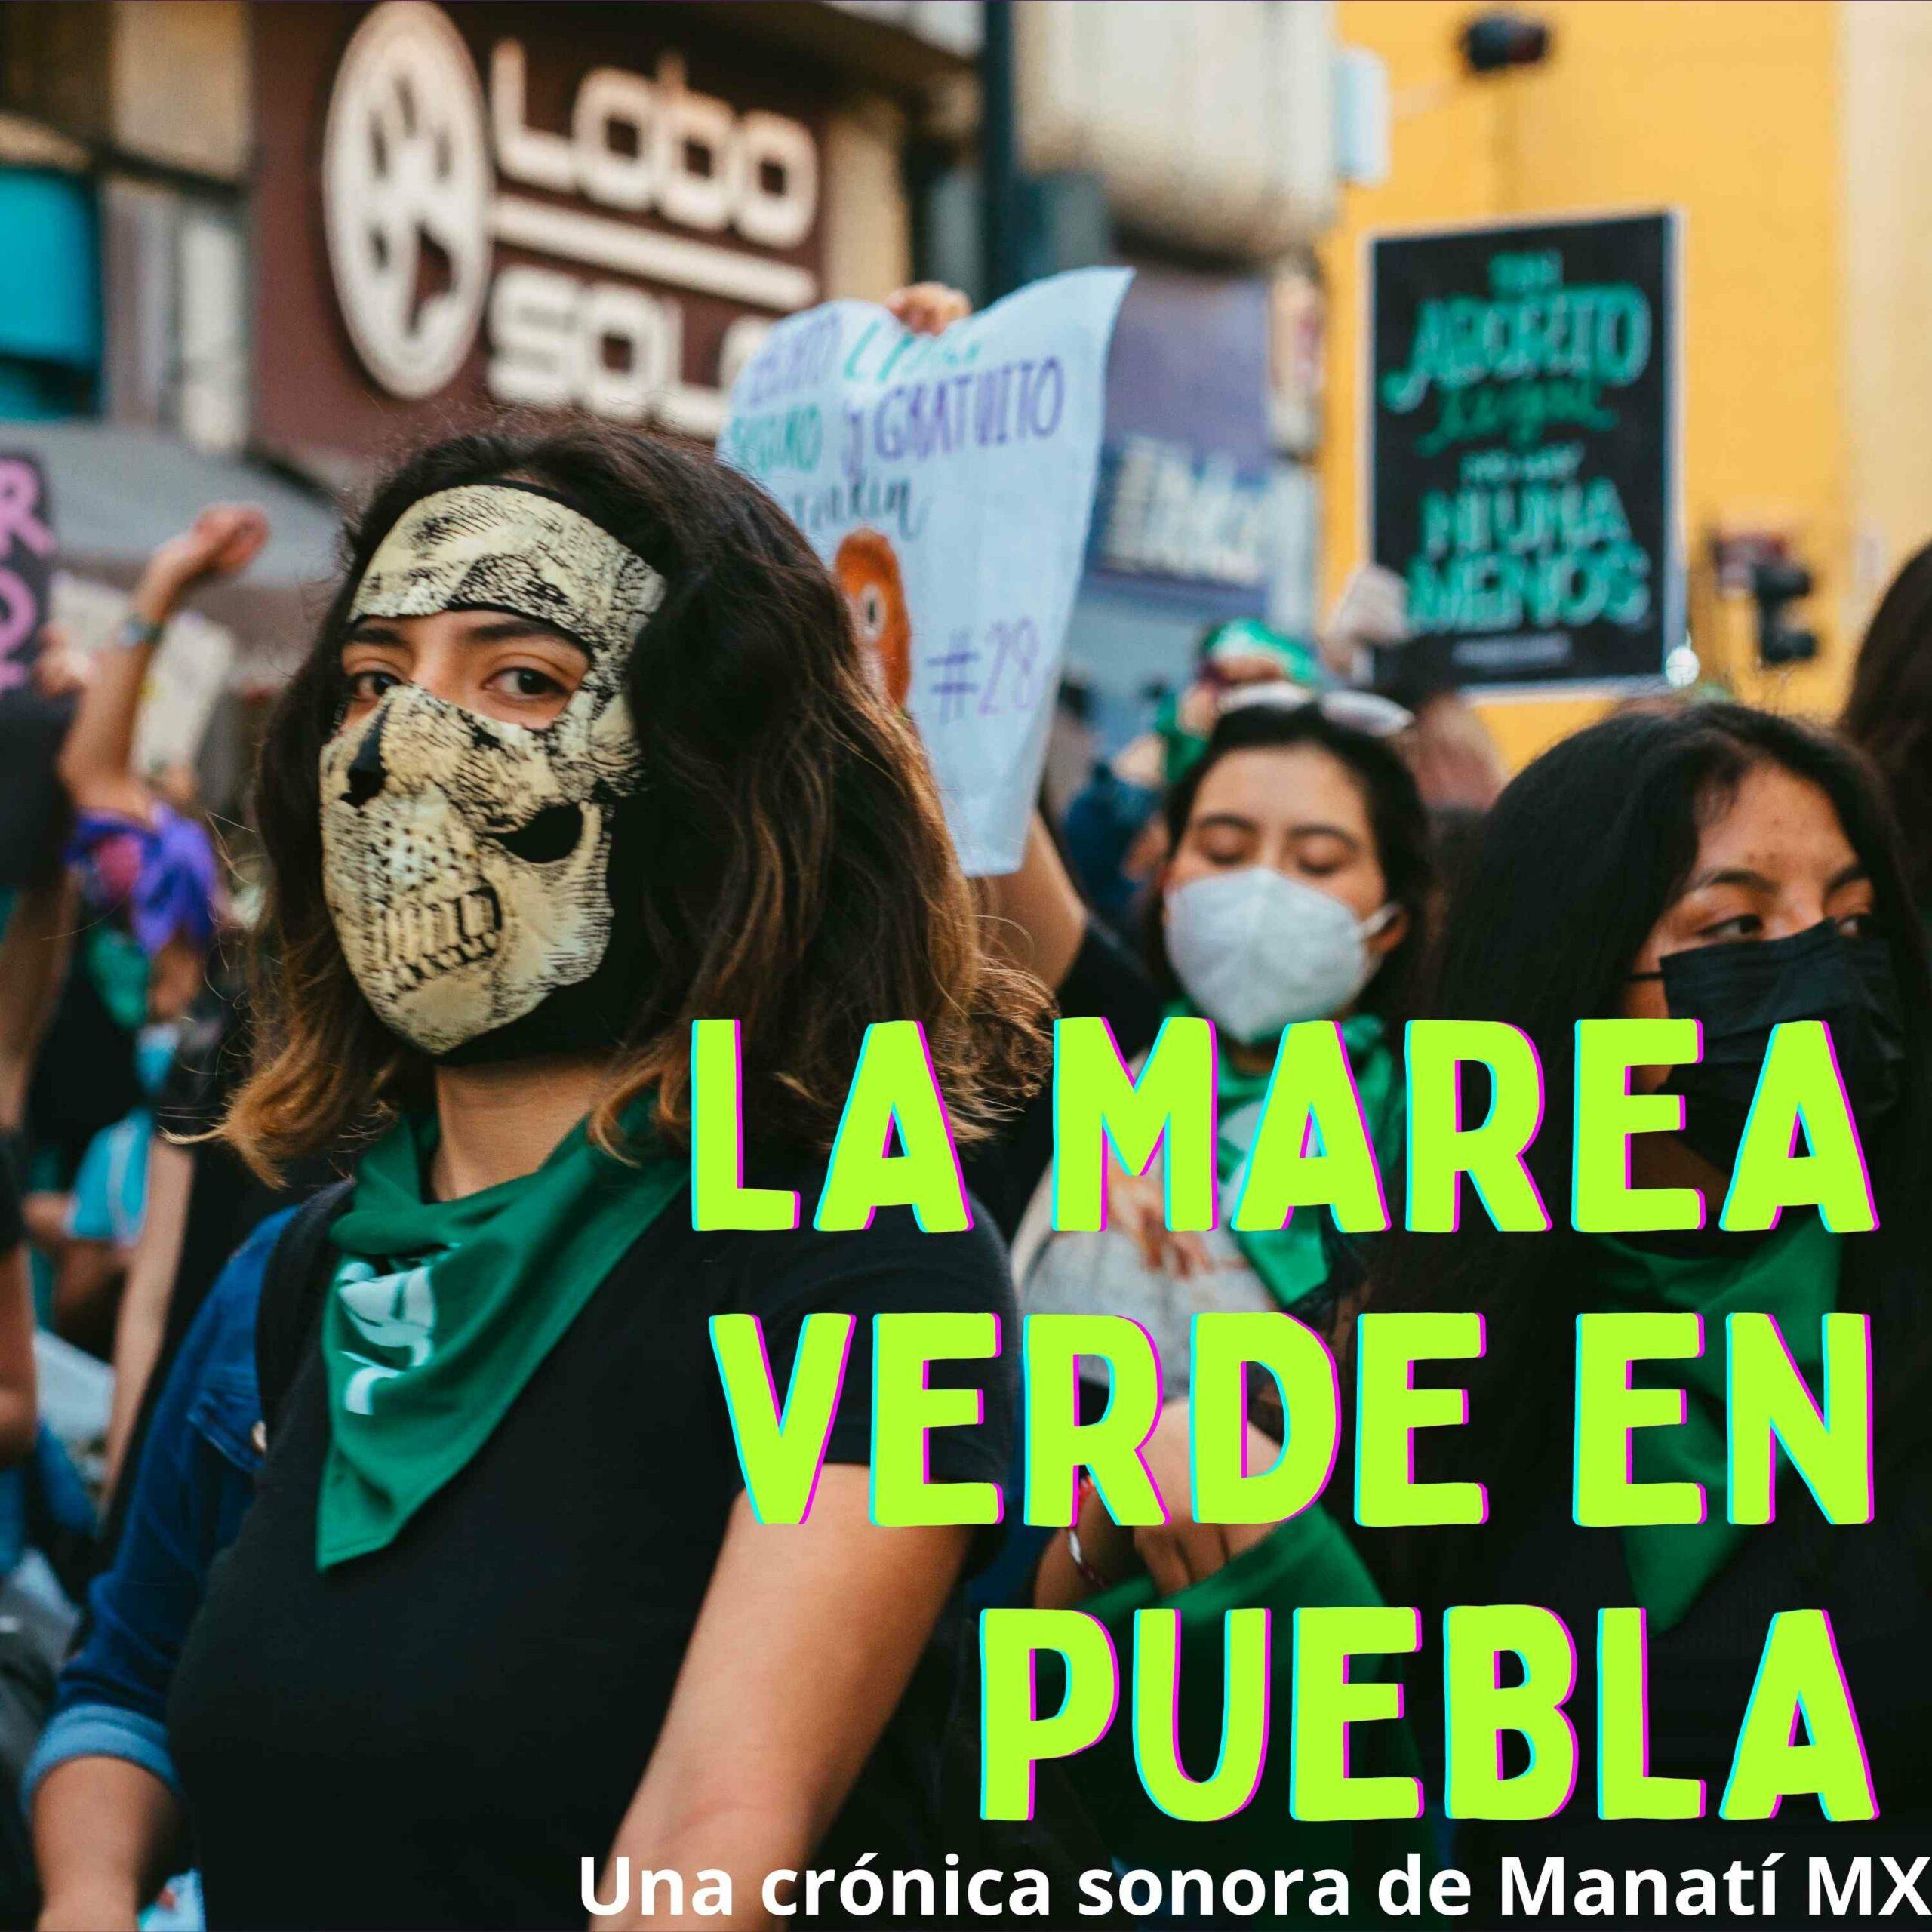 marea verde Puebla